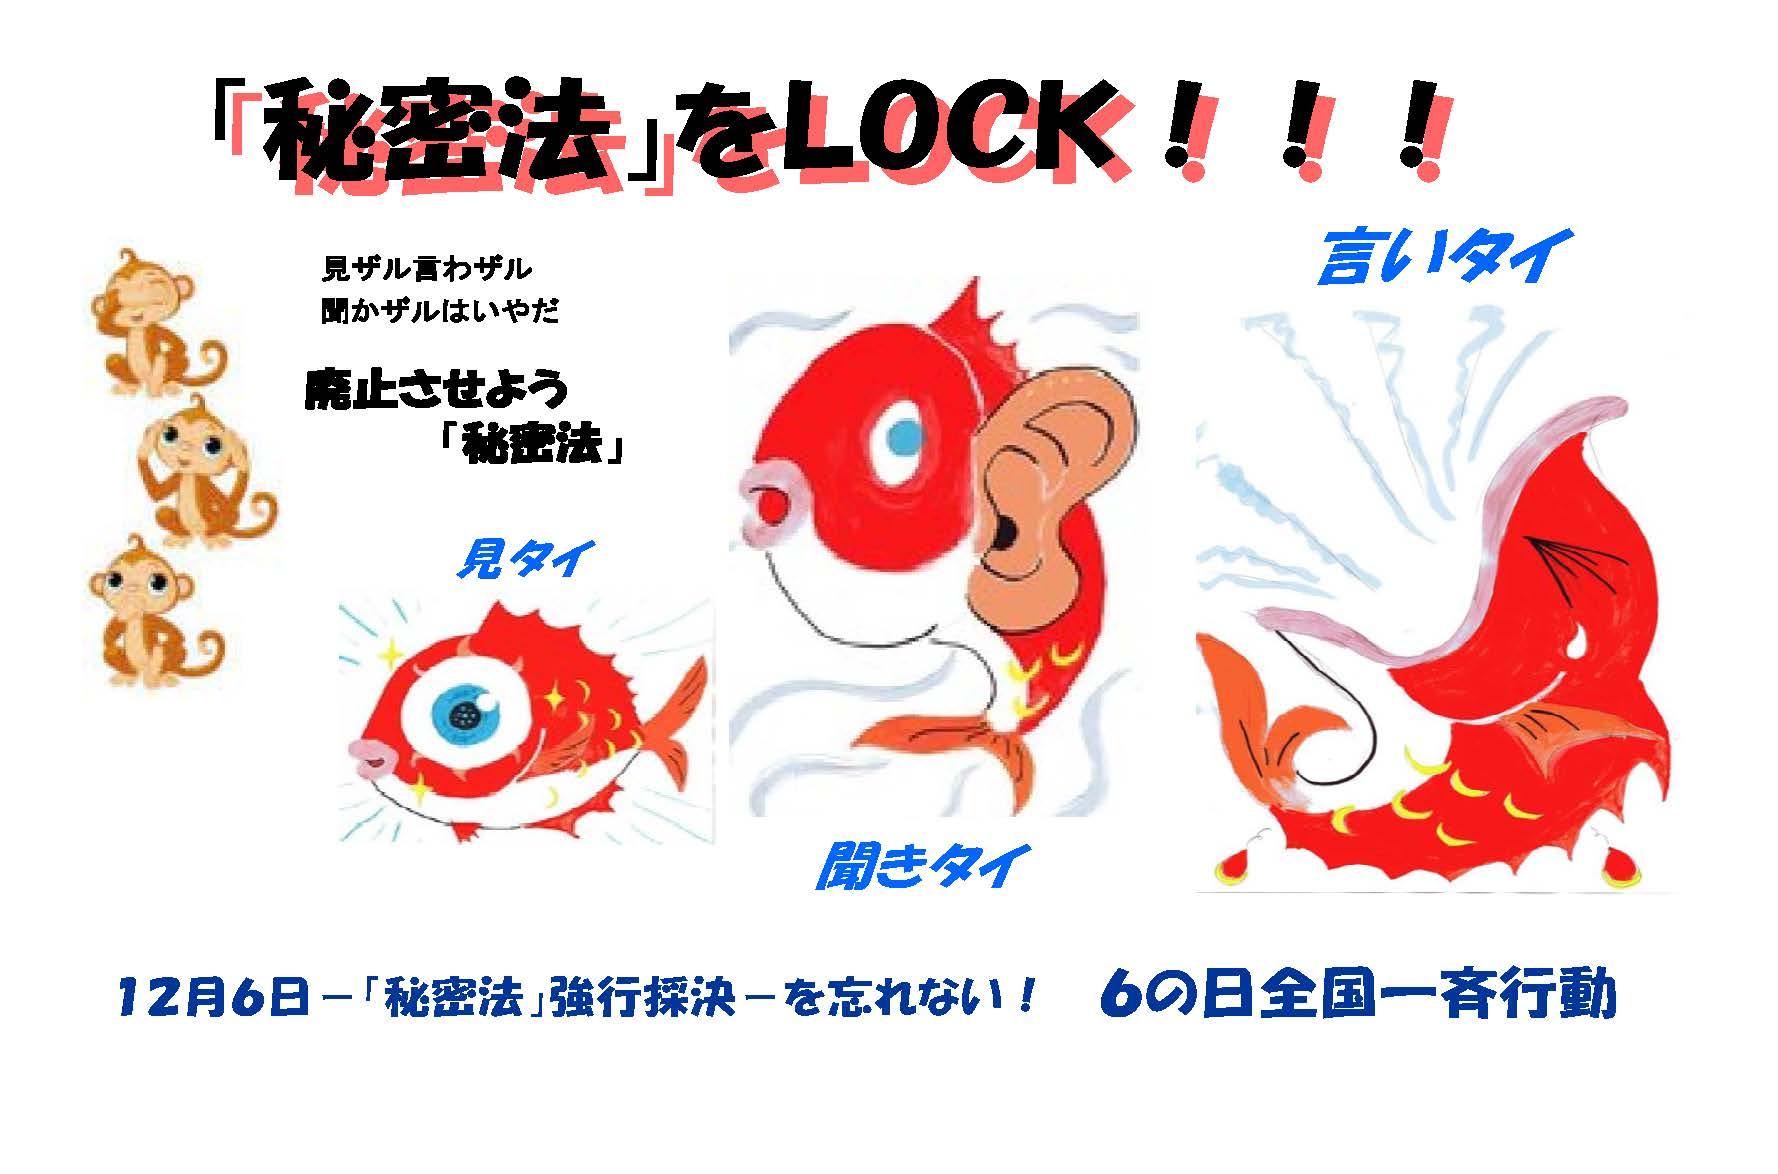 14/2/6 秘密保護法反対 ロックアクション大成功(名古屋)_c0241022_22453726.jpg